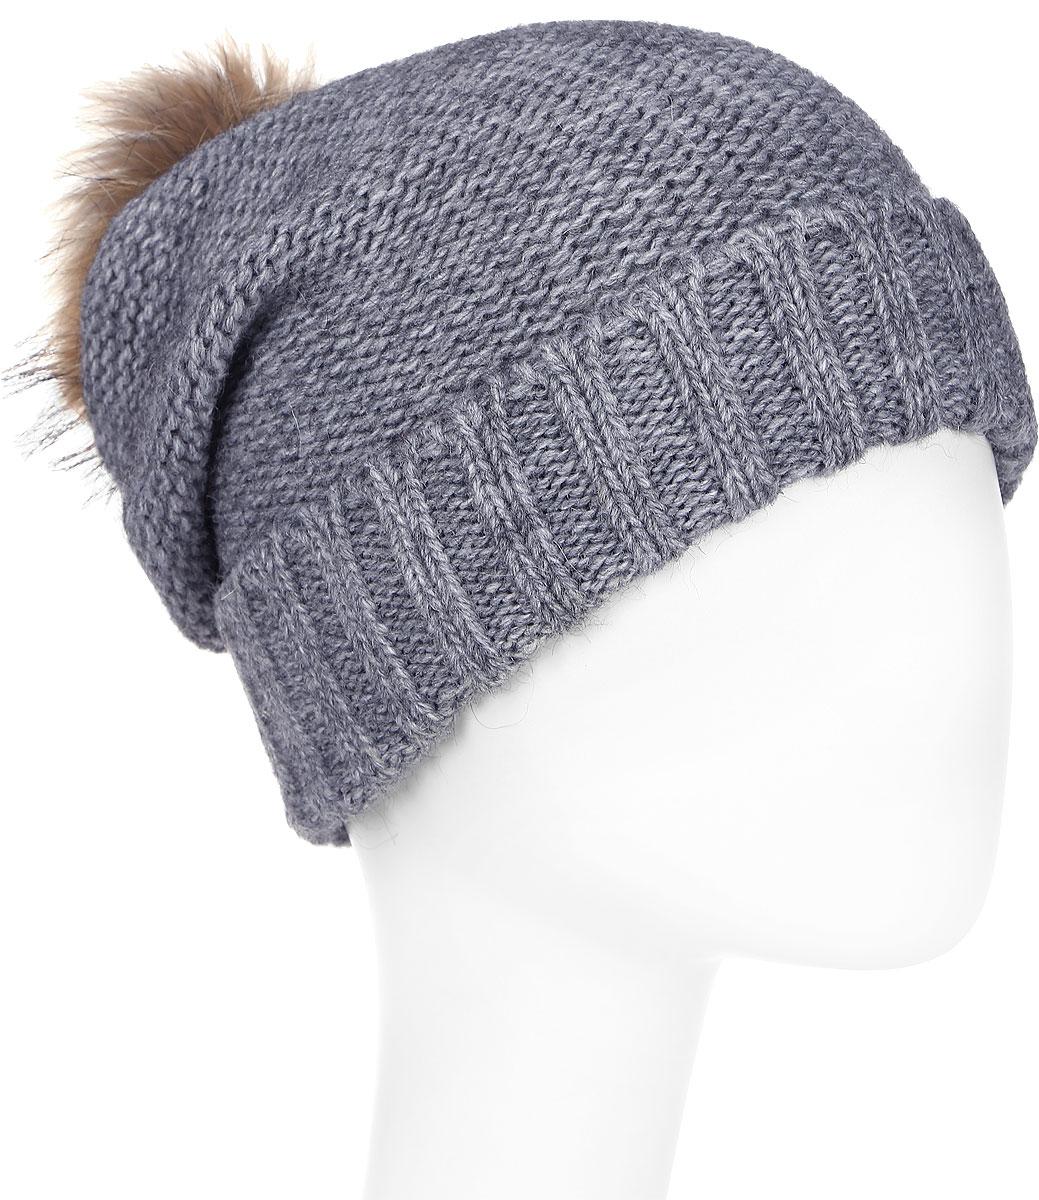 Шапка женская Paccia, цвет: серый. NR-21712-1. Размер 55/58NR-21712-1Стильная женская шапка-бини Paccia выполнена из акрила с добавлением шерсти. Модель дополнена отворотом и меховым помпоном. Эта шапка не только согреет в прохладную погоду, но и стильно дополнит ваш образ.